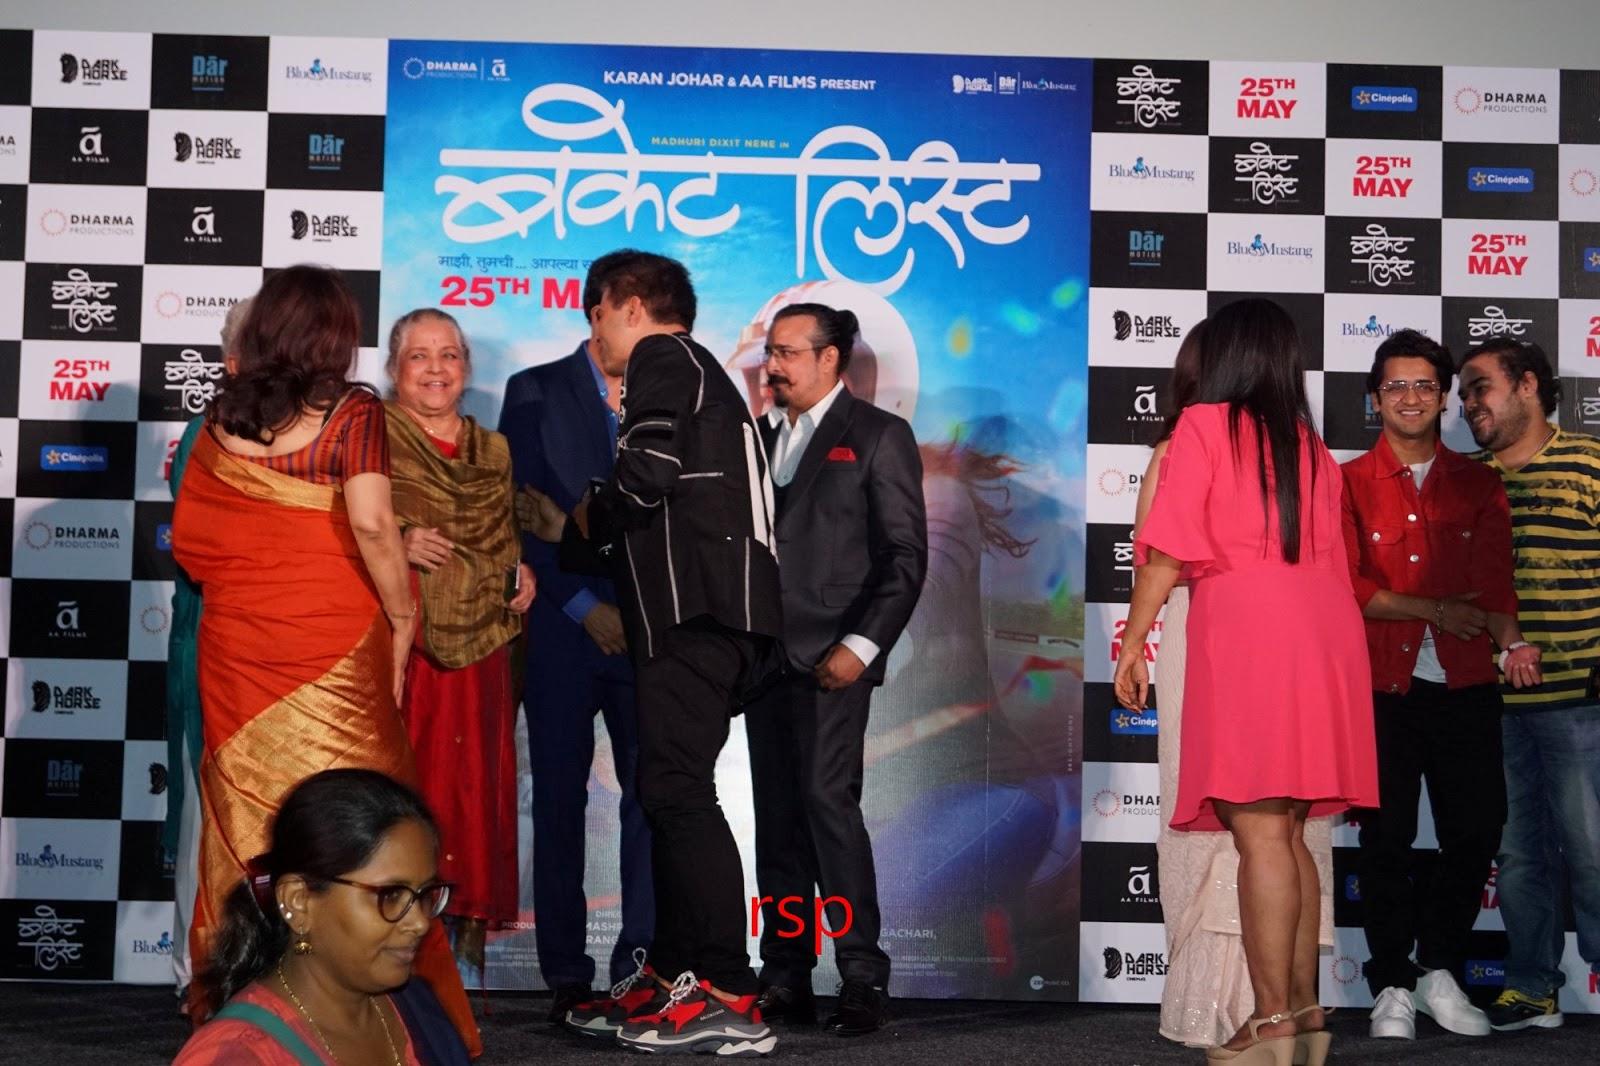 rspnetwork in: Madhuri Dixit at her Marathi film Bucket List